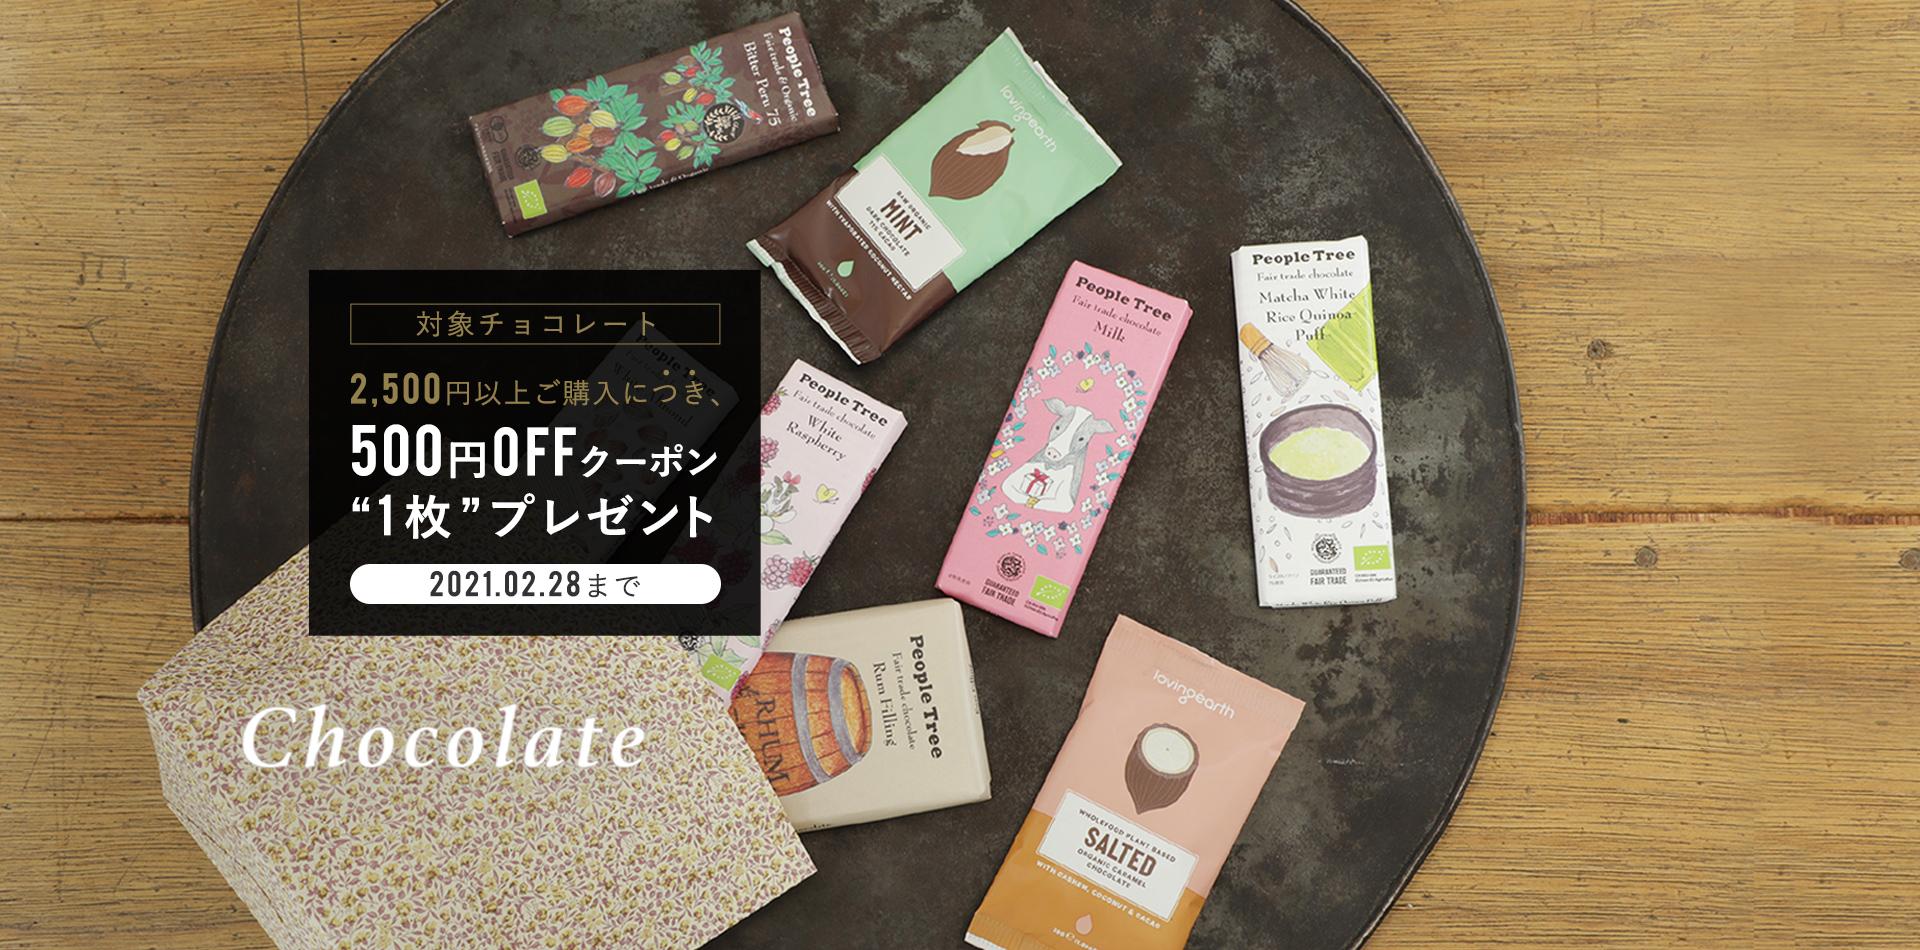 対象チョコレート2,500円以上ご購入につき、500円OFFクーポン1枚プレゼント!